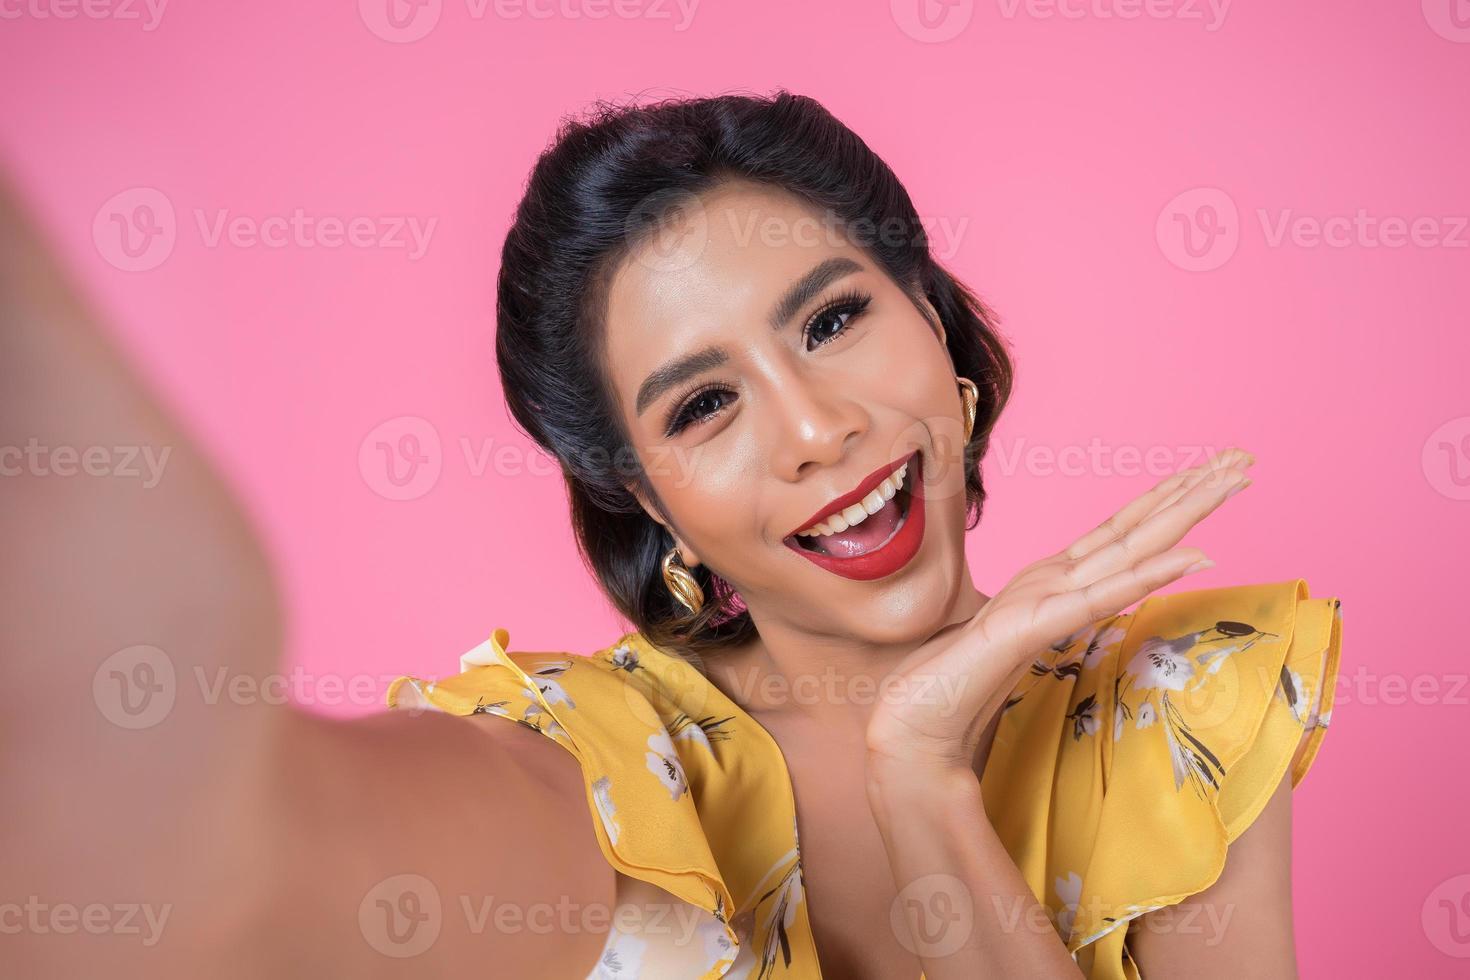 belle femme à la mode prenant un selfie avec son téléphone photo